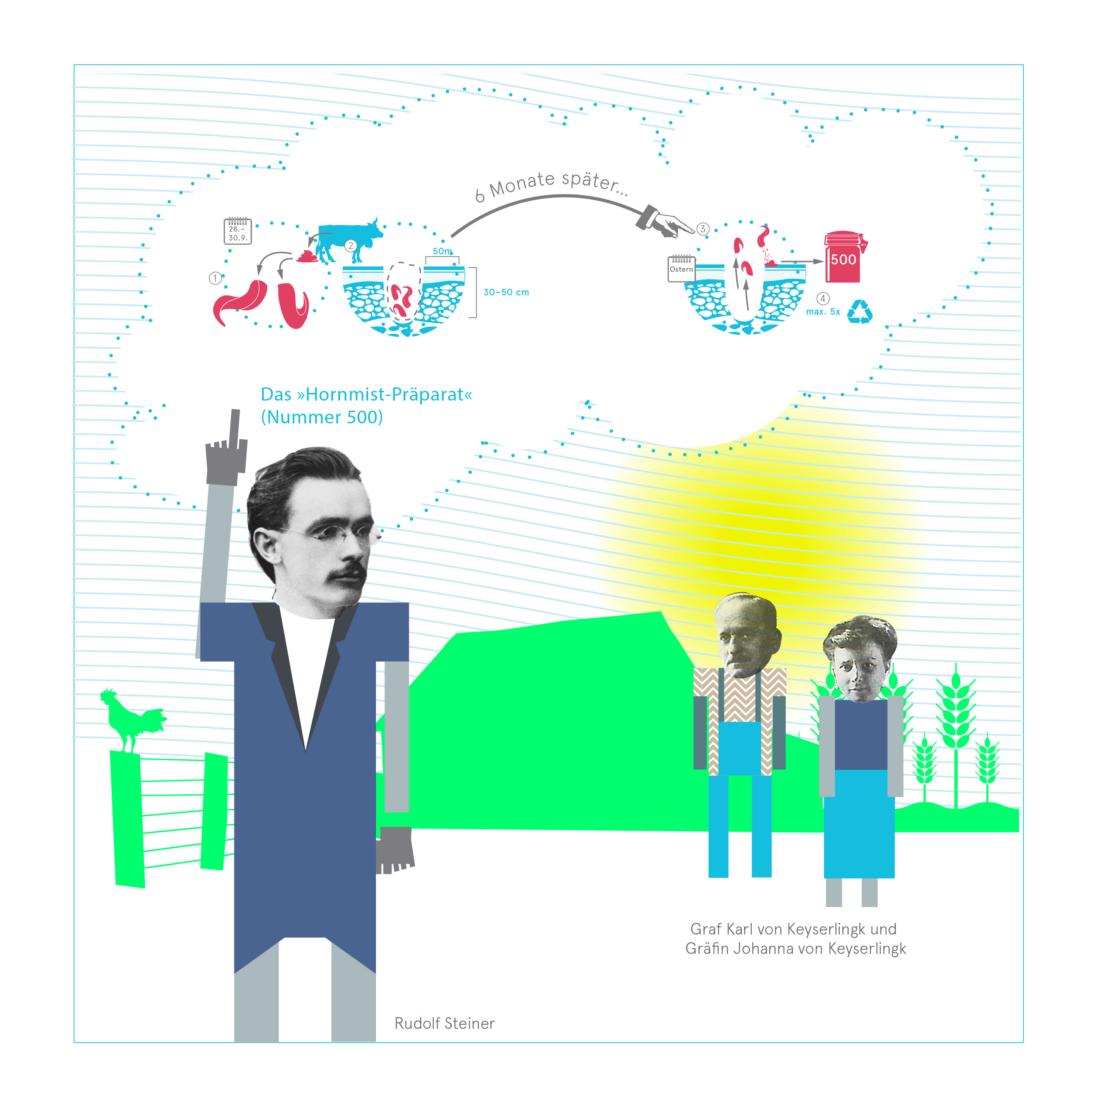 Rudolf Steiner, Bio, Bio 3.0, #biodreinull, Wissensvisualisierung, FiBL, dform, SCR